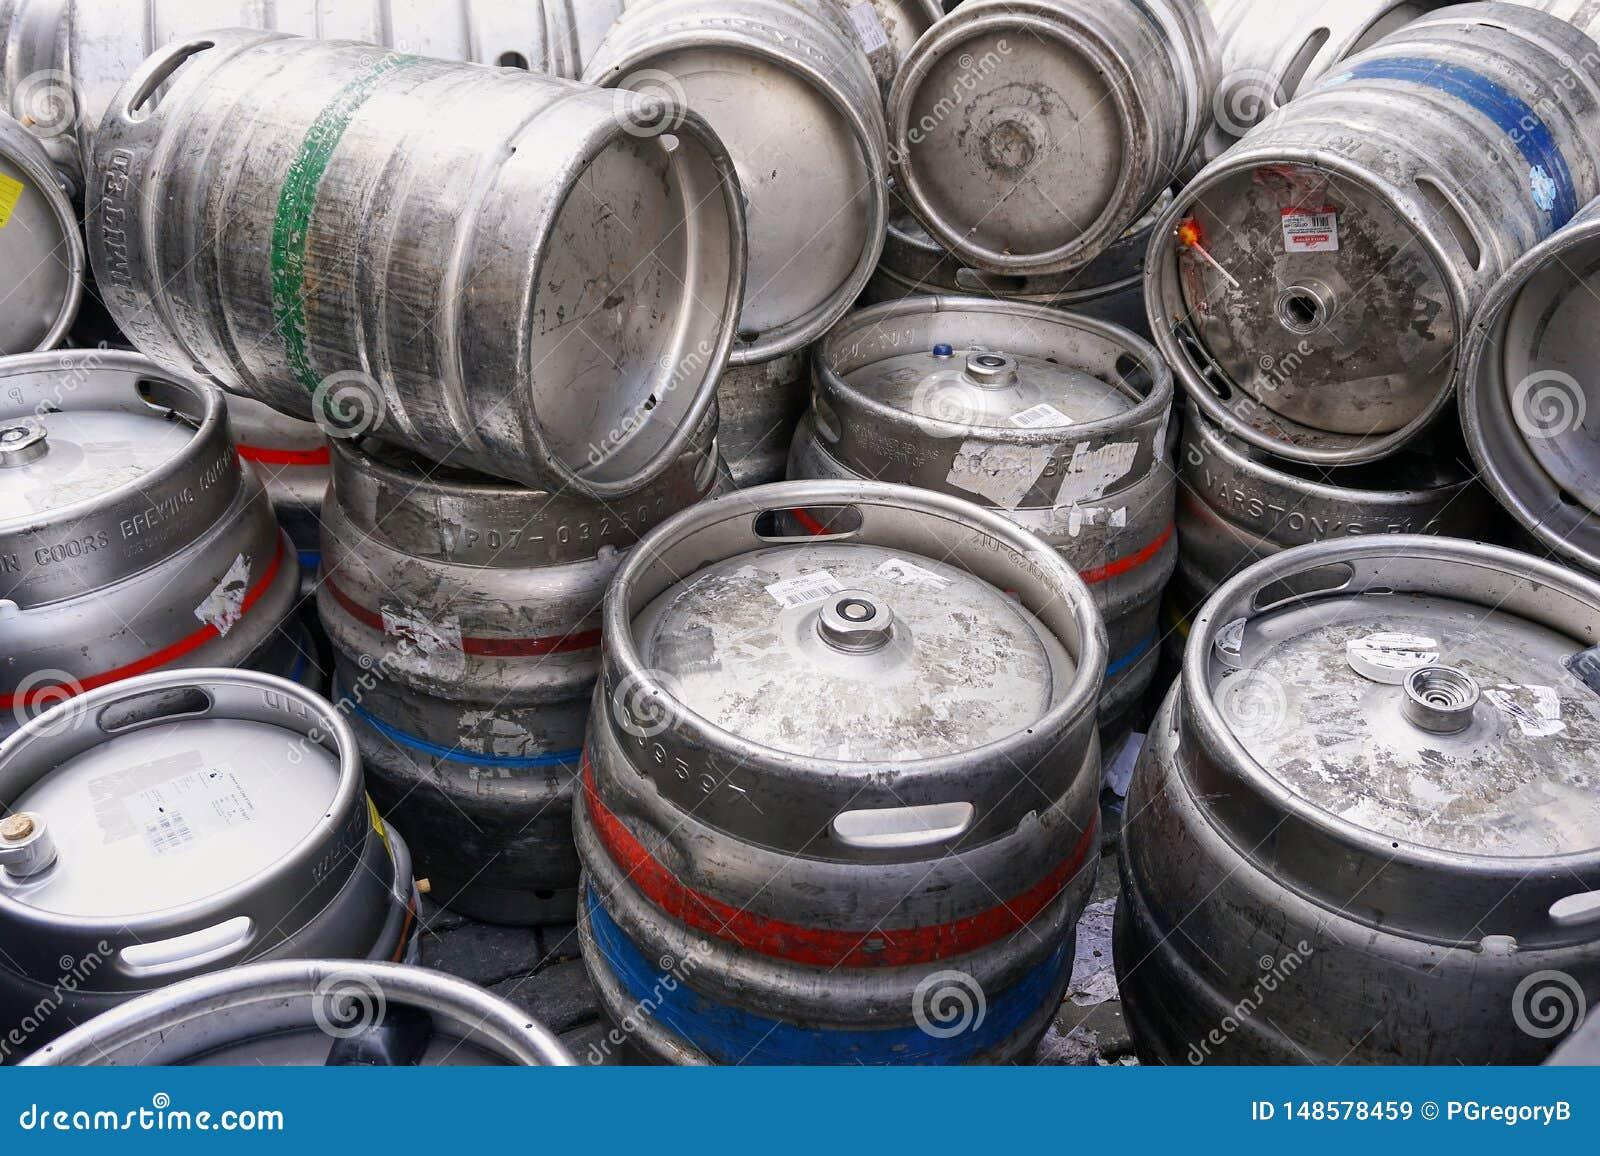 Pilha de cilindros vazios do barril de cerveja do metal de prata